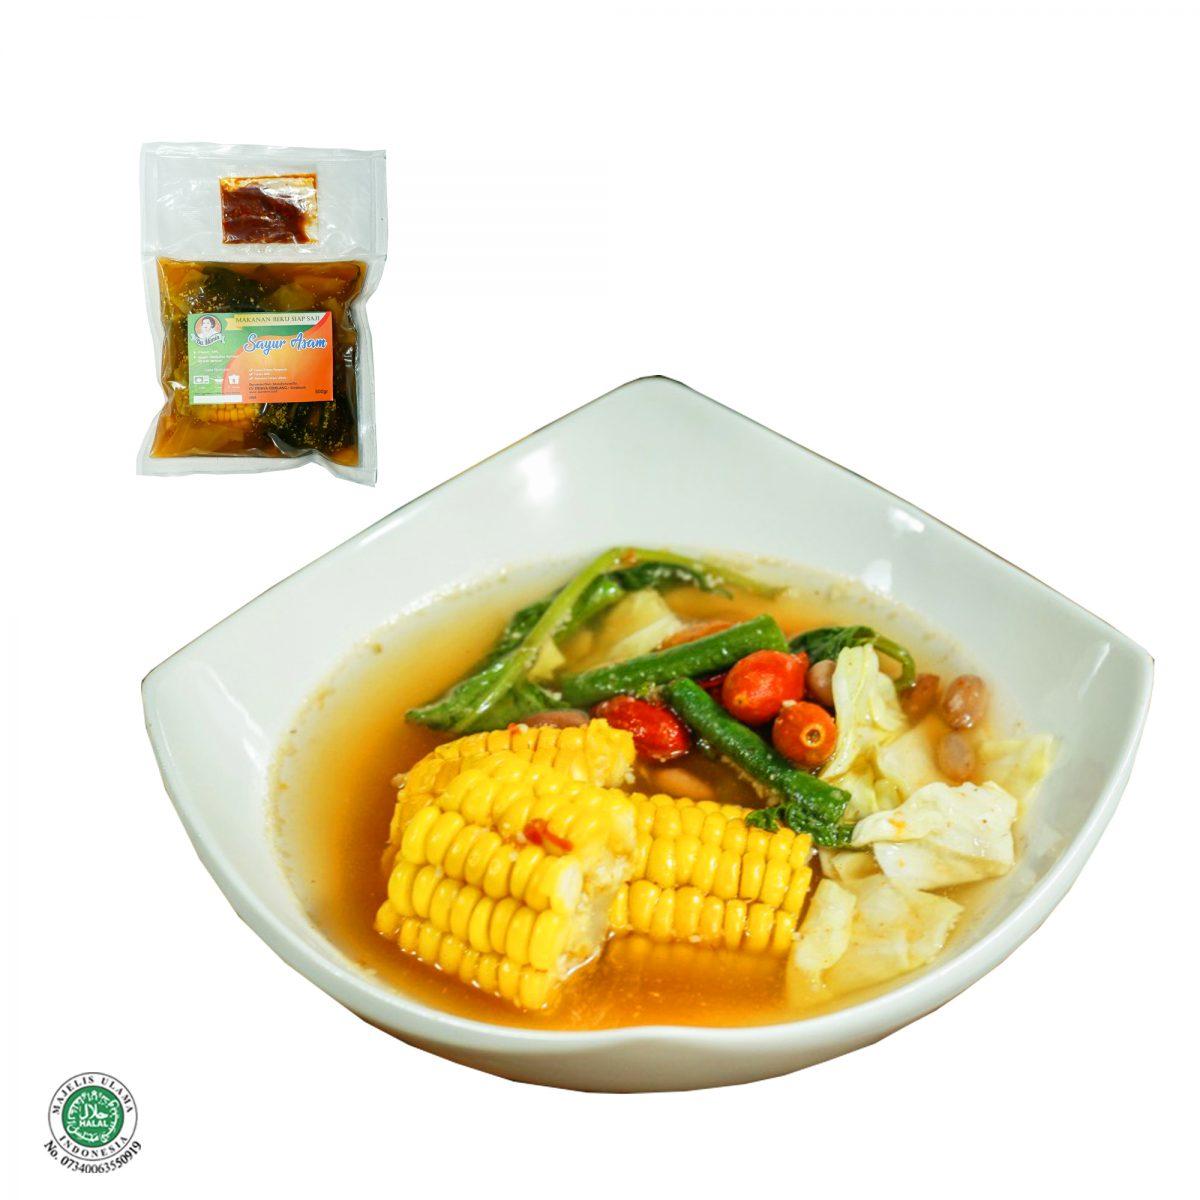 Fresh Frozen Food Sayur Asem